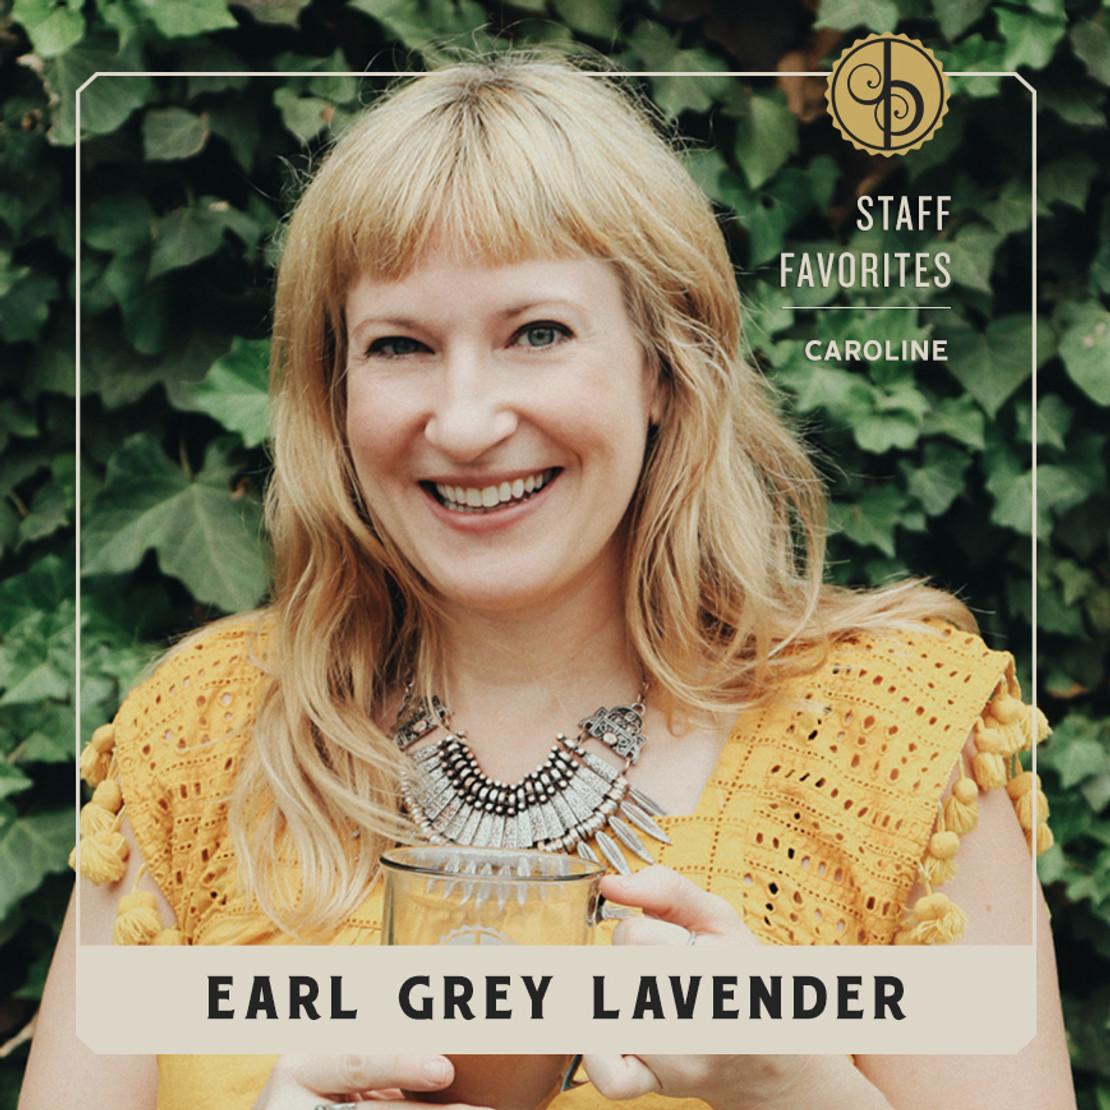 Staff Favorites: Caroline & Earl Grey Lavender